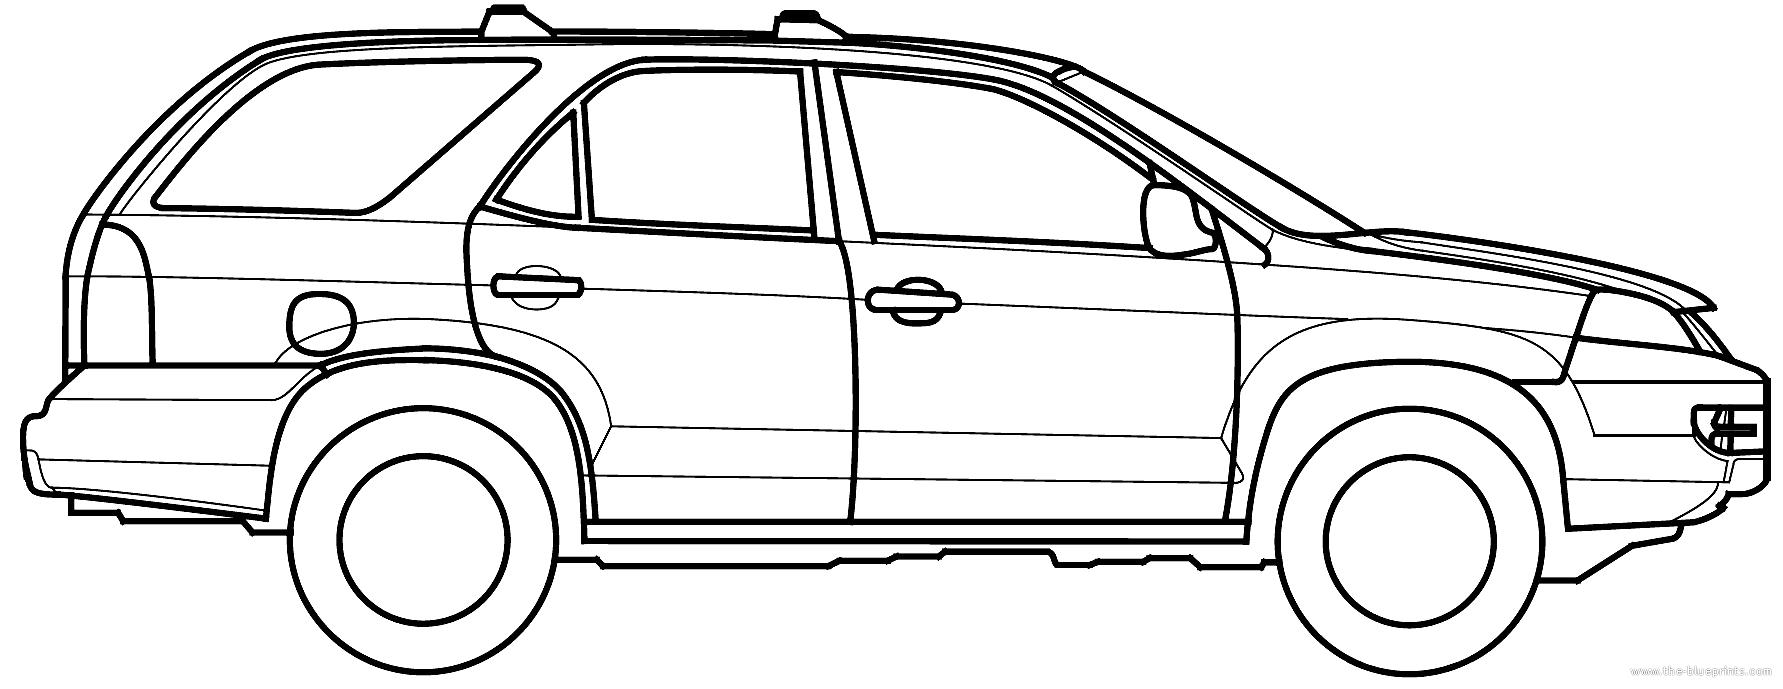 Blueprints > Cars > Acura > Acura MDX (2001)